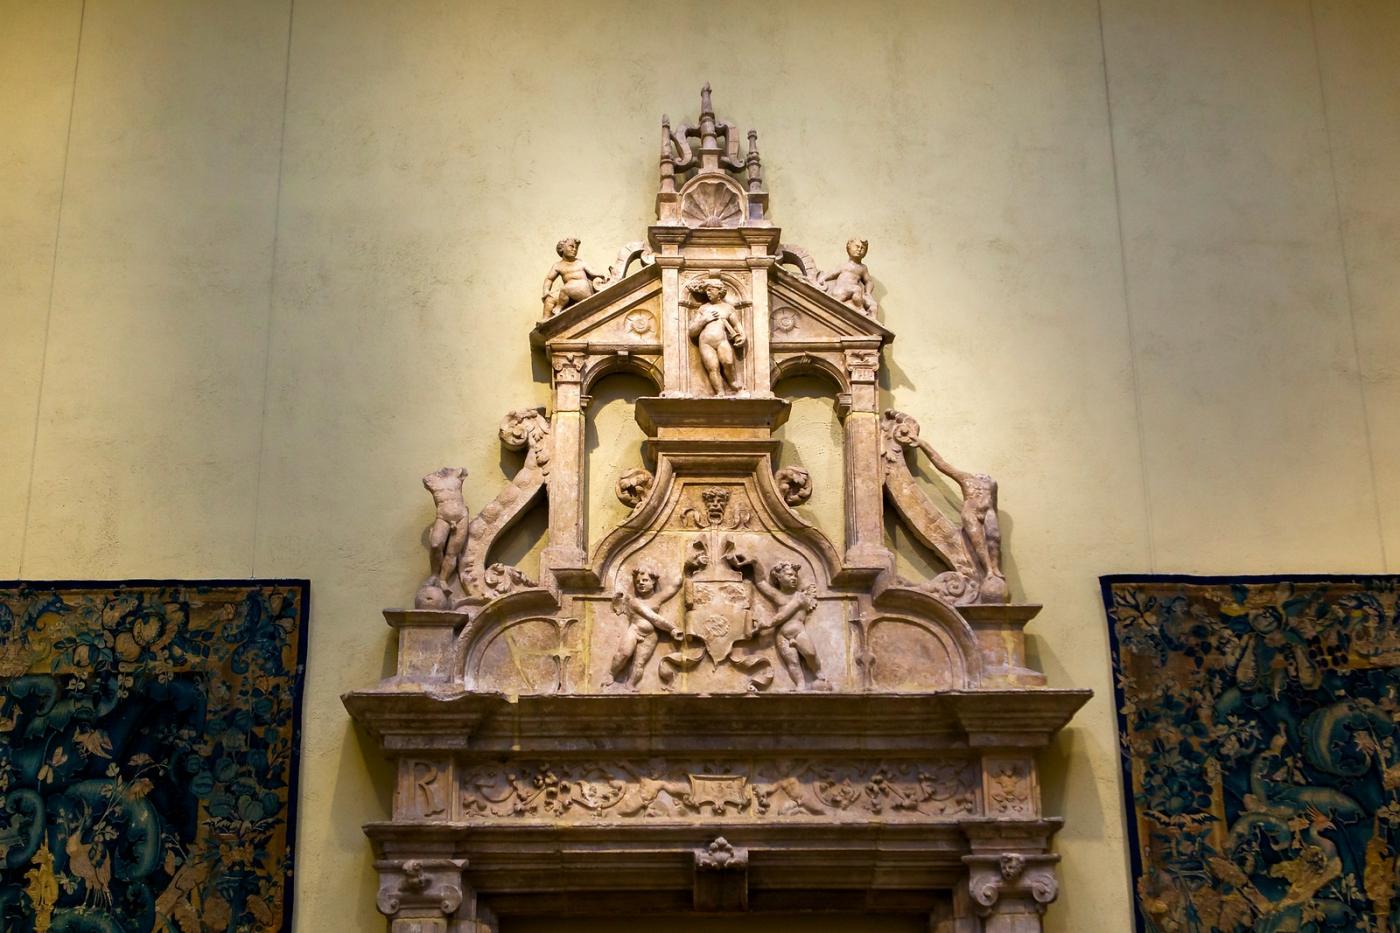 费城艺术博物馆,藏品欣赏_图1-4